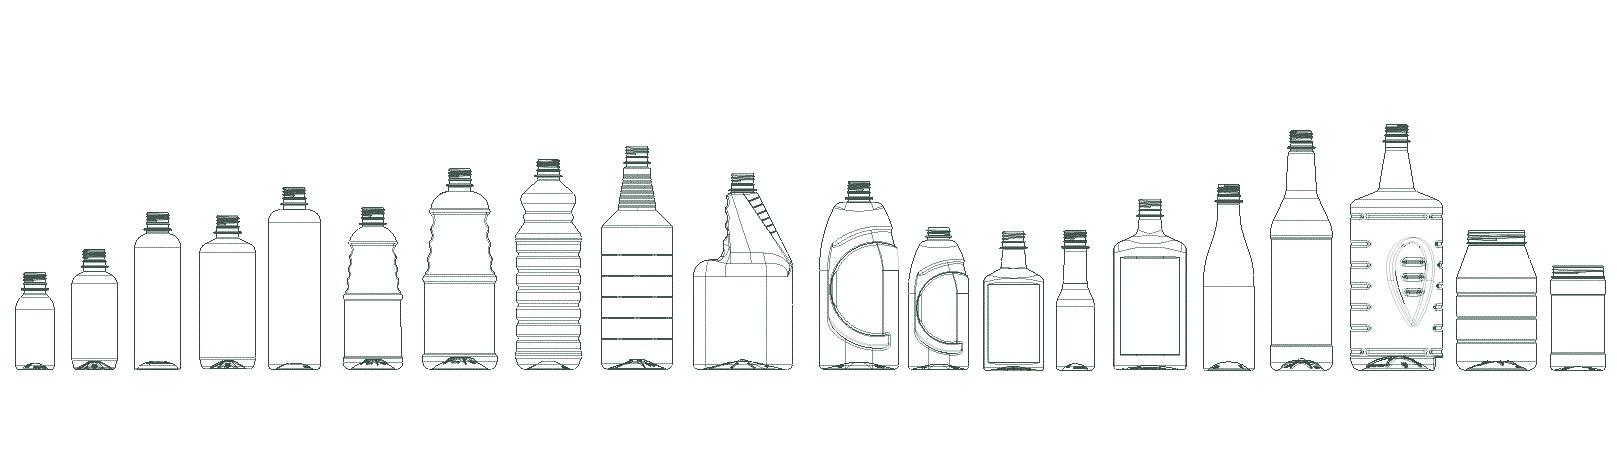 conjunto de todas las botellas jpg